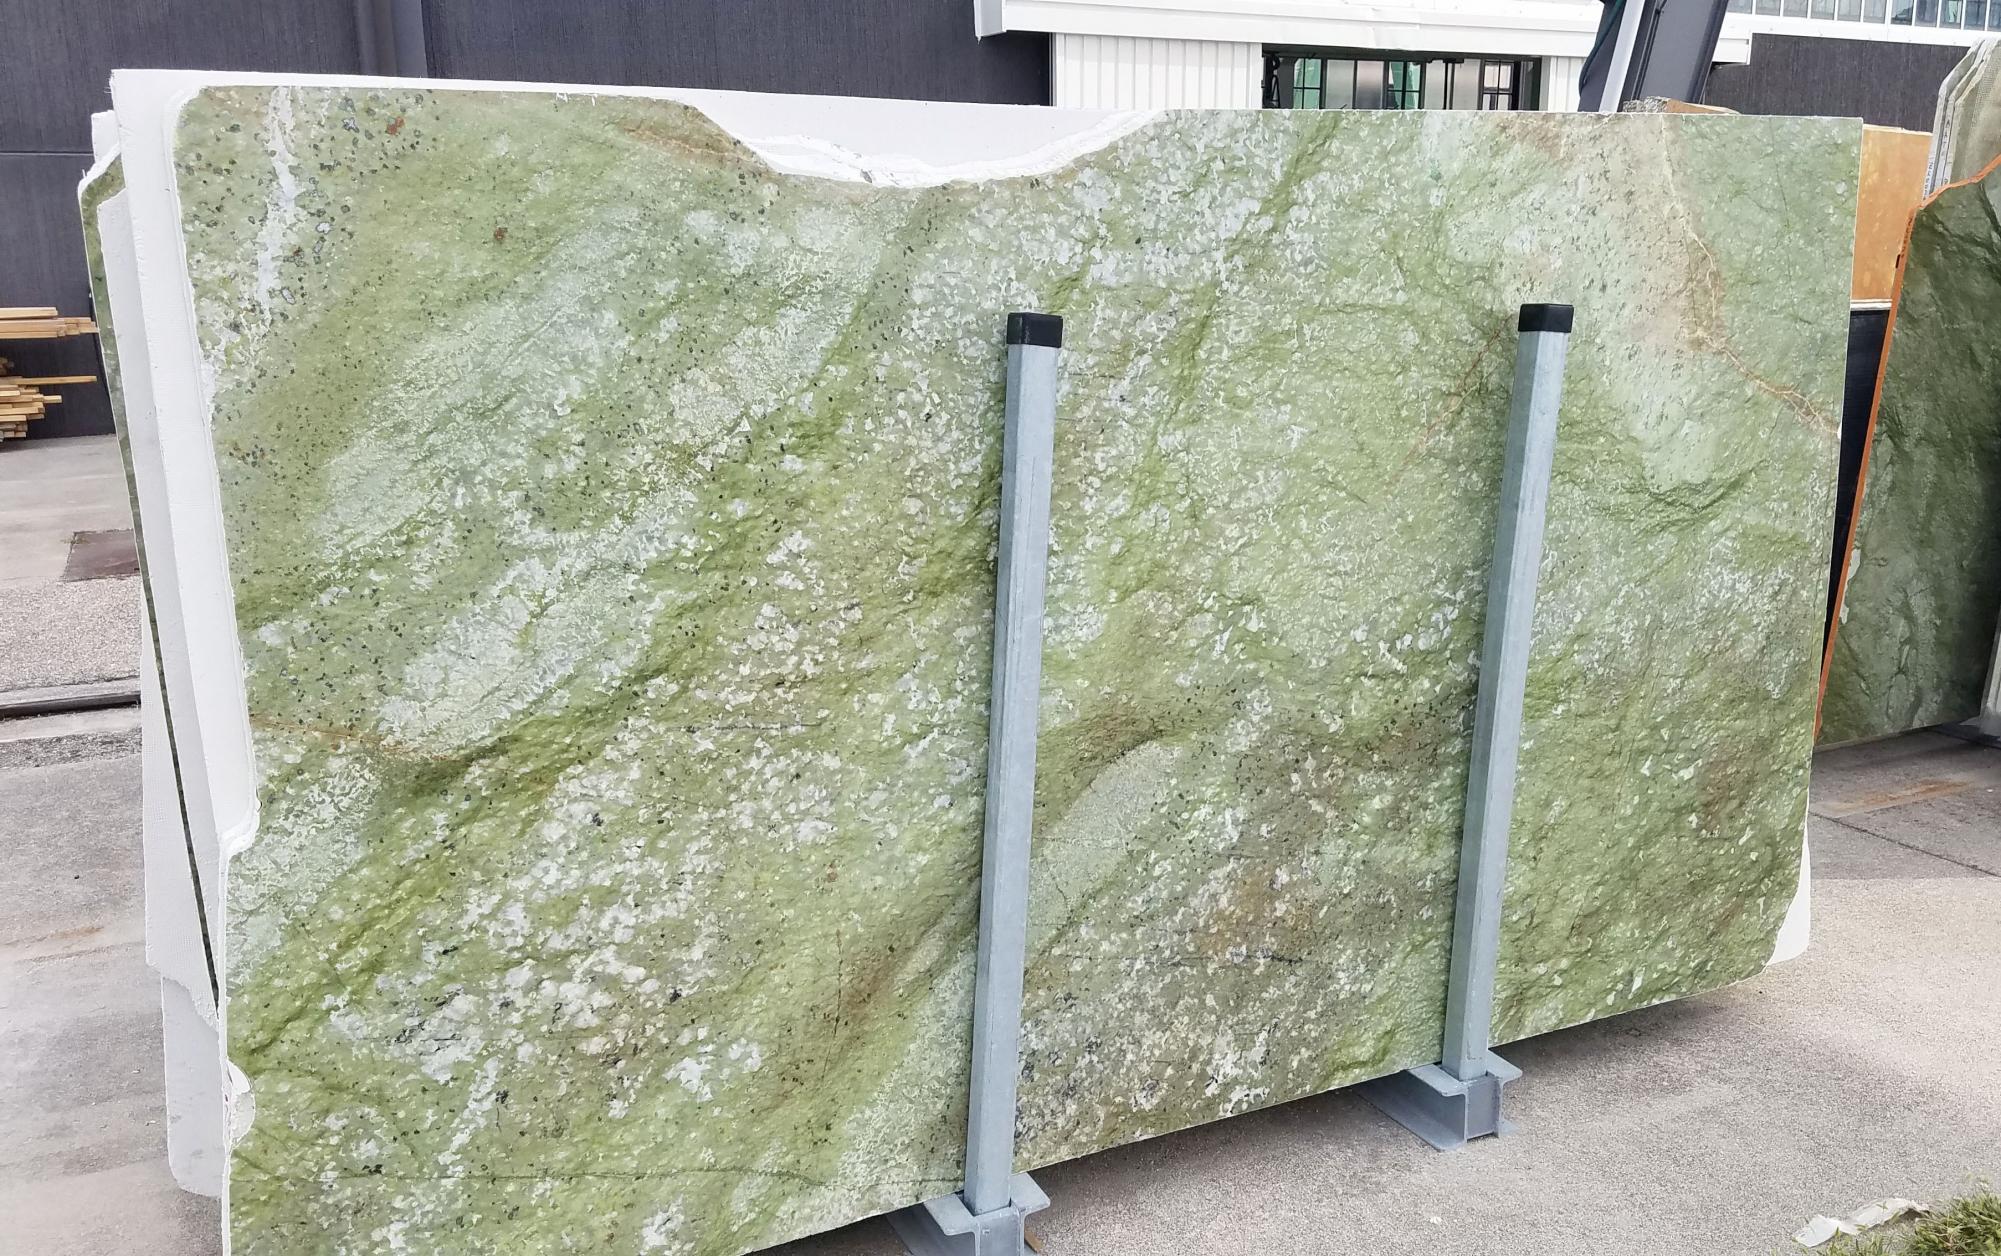 VERDE MING Suministro Veneto (Italia) de planchas pulidas en mármol natural ZL0076 , Slab #12